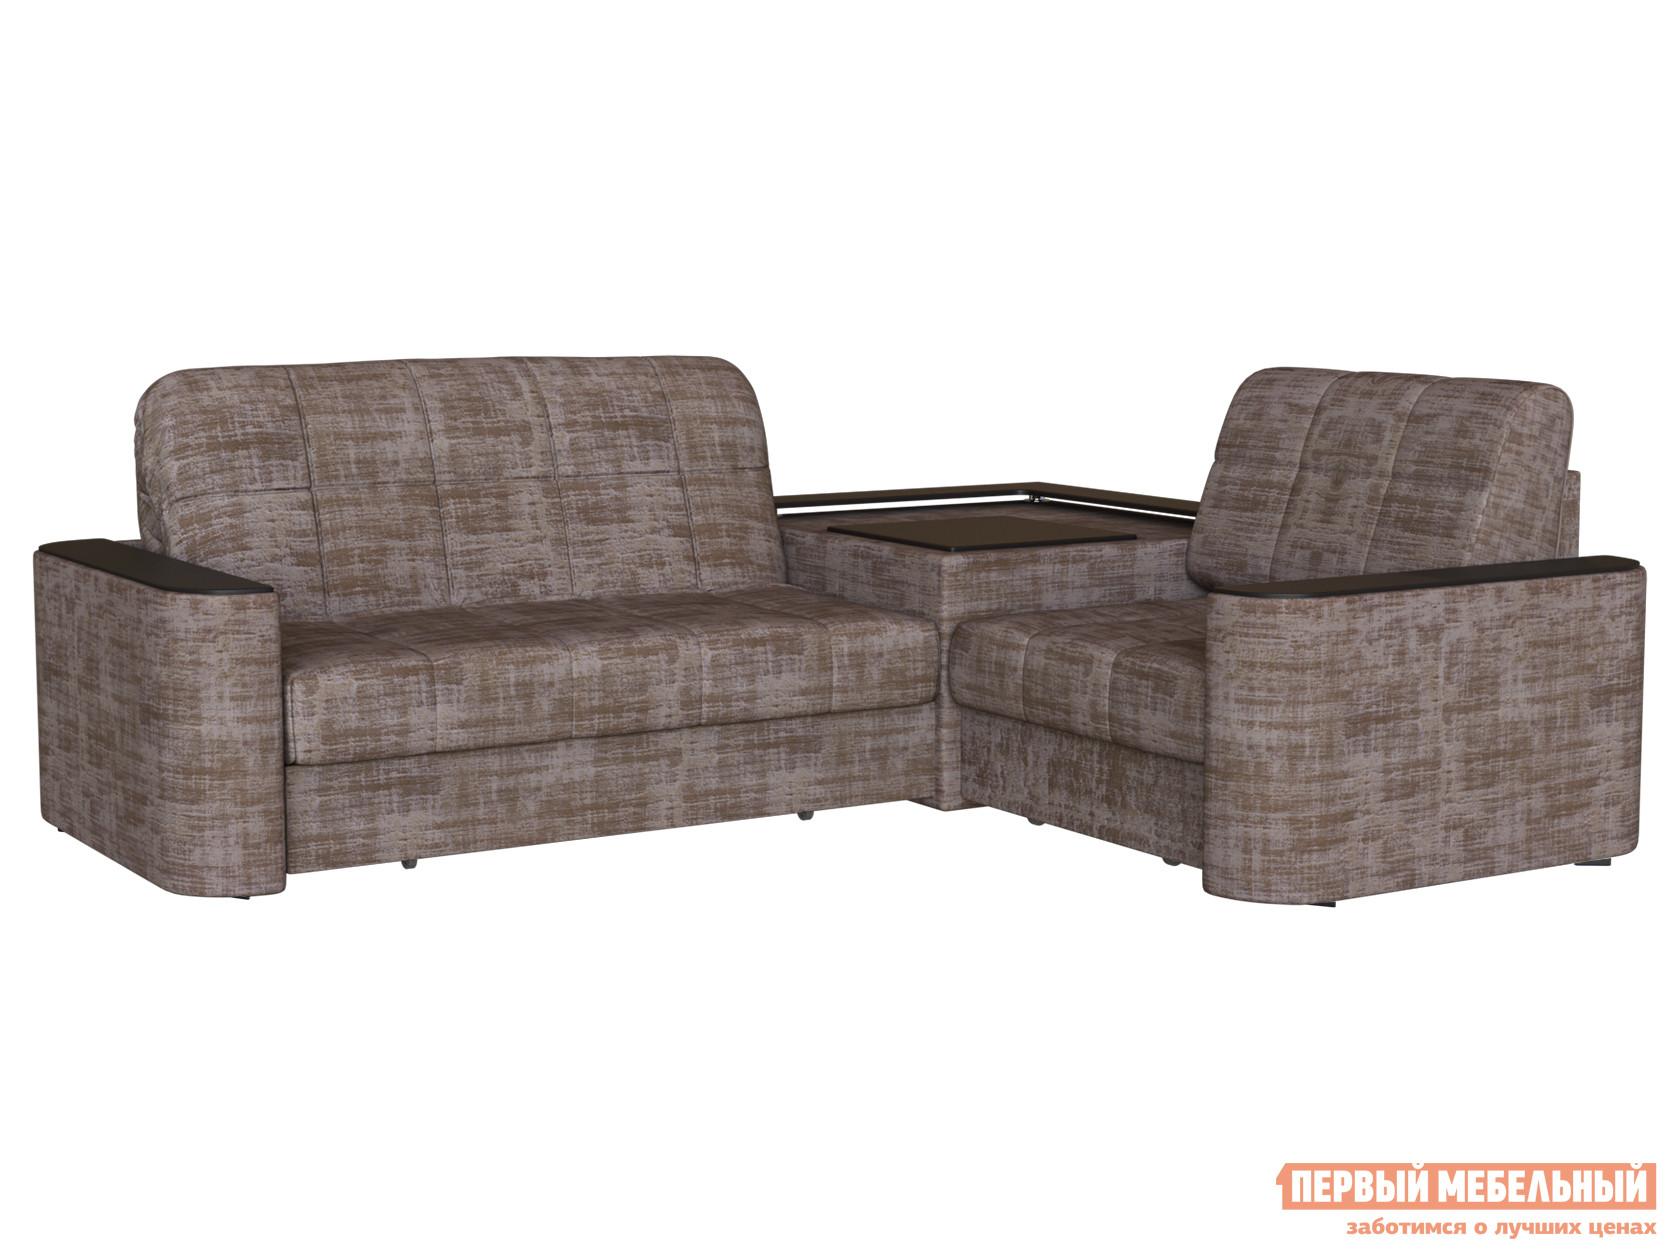 Угловой диван Первый Мебельный Диван Лукас угловой Люкс чехол для углового дивана первый мебельный чехол на диван угловой стамбул